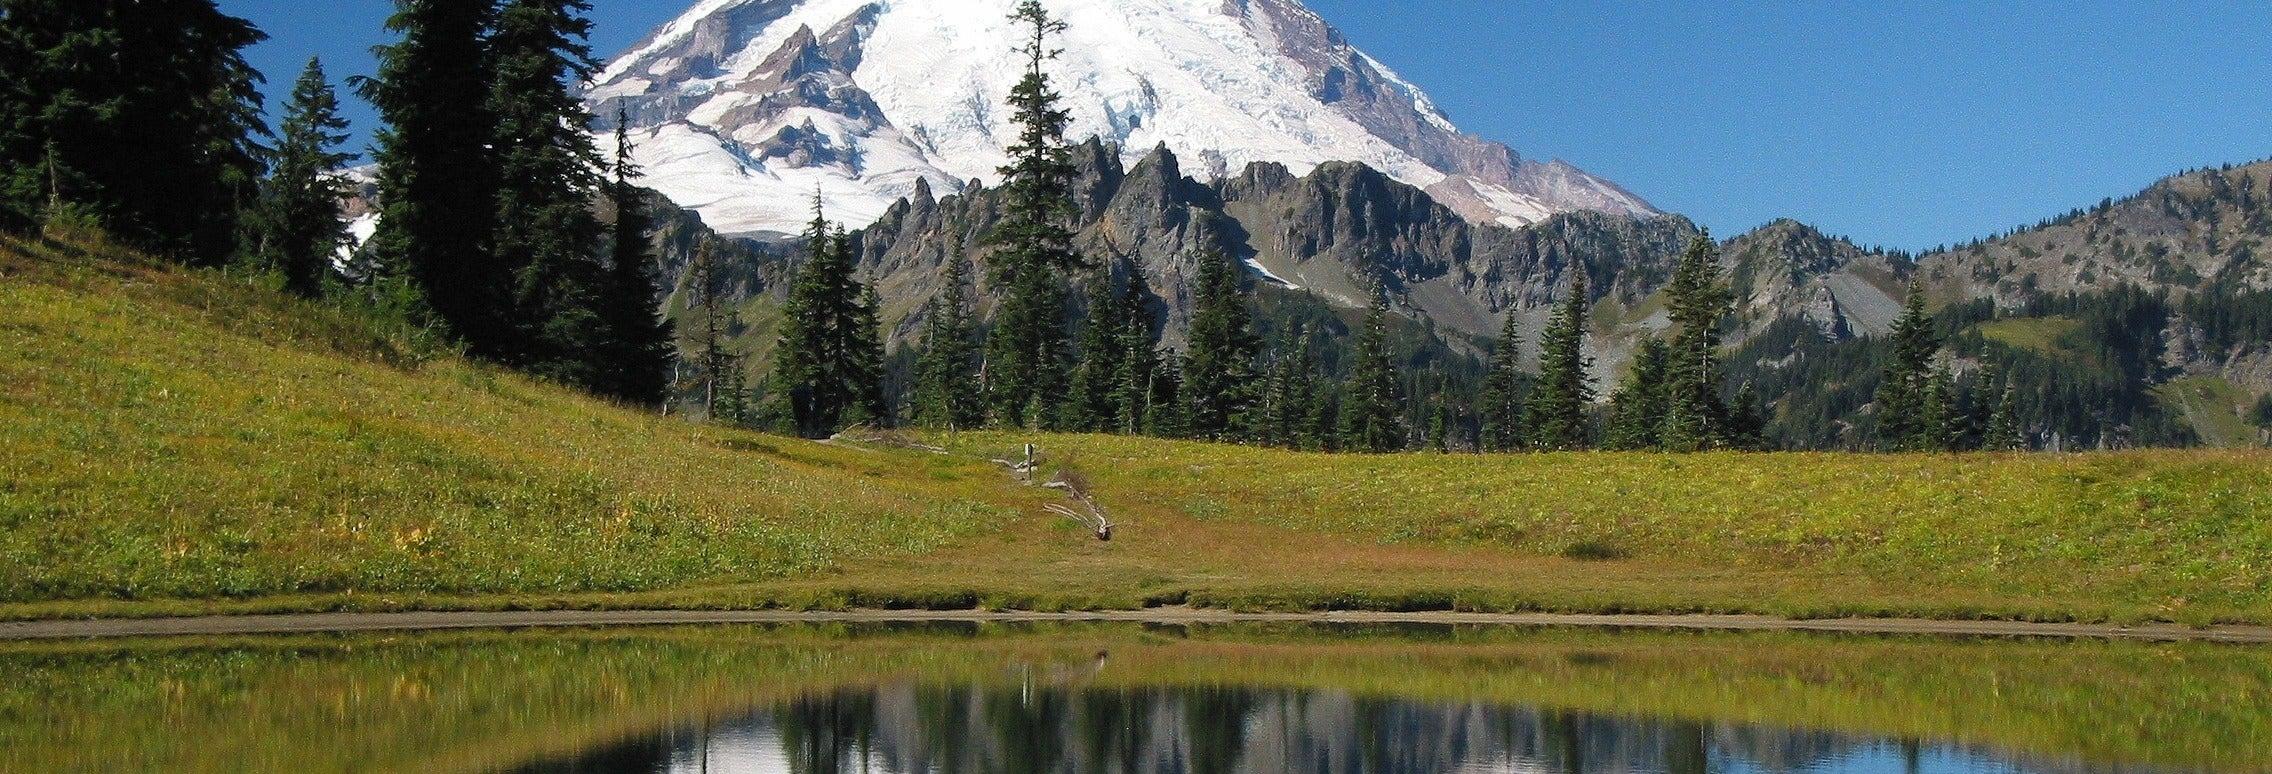 Excursión al Parque Nacional del Monte Rainier